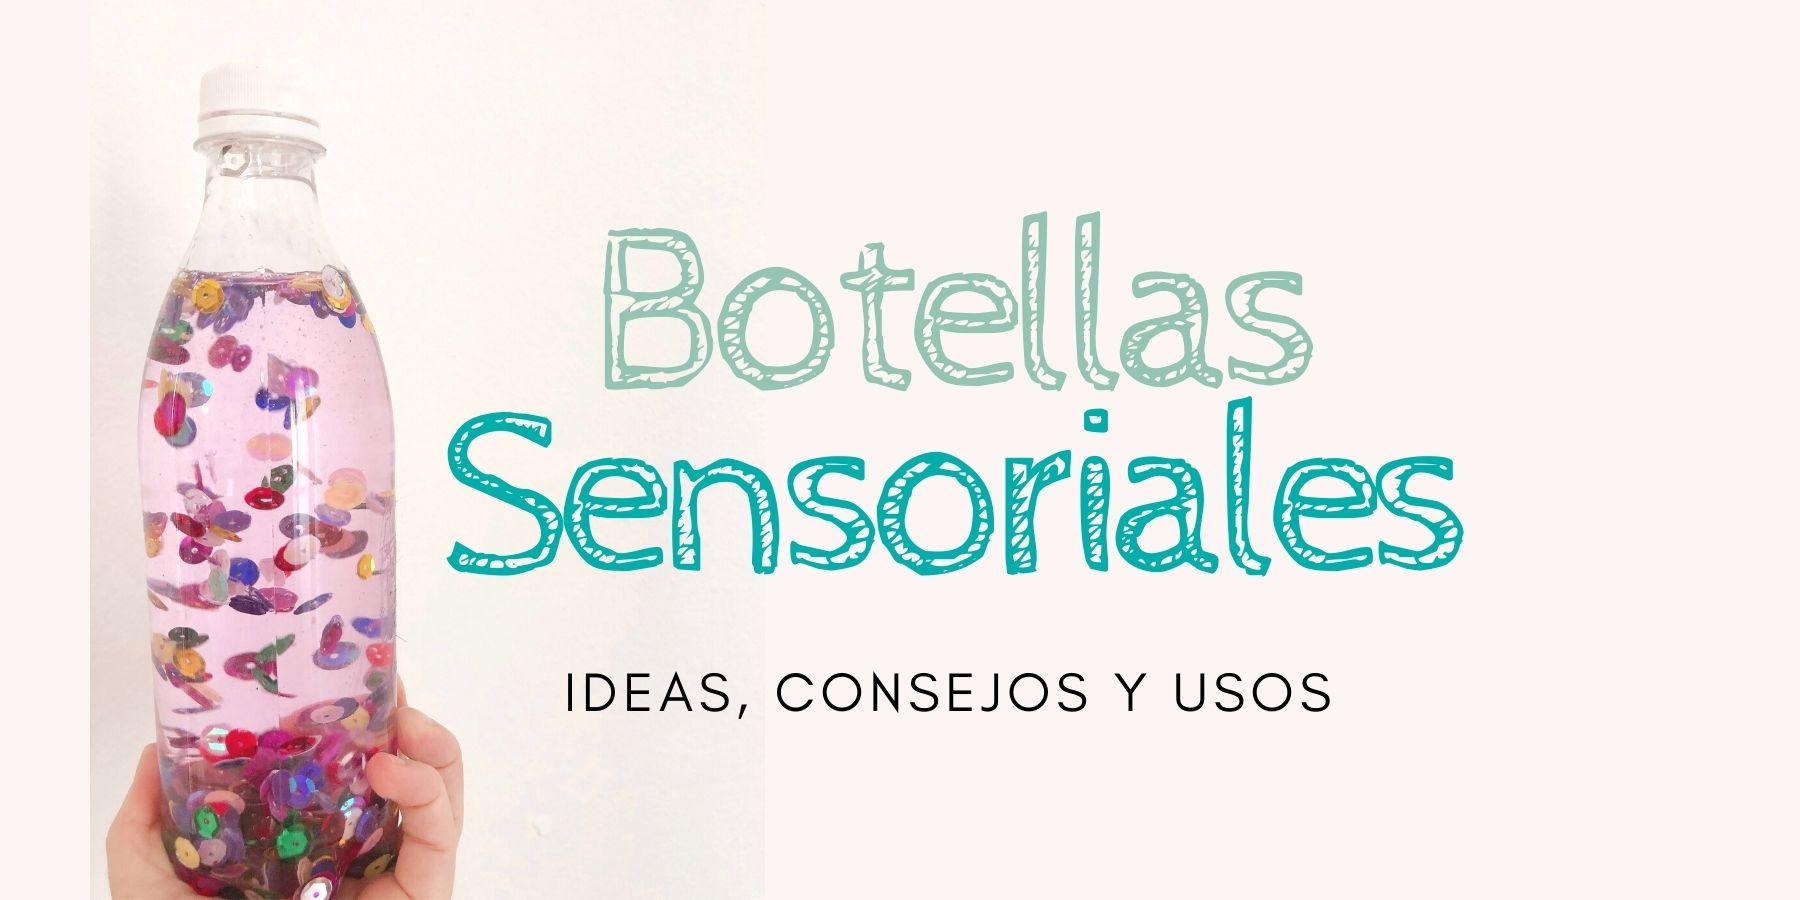 Botellas sensoriales ideas y usos   Mamá y 20 cosas más